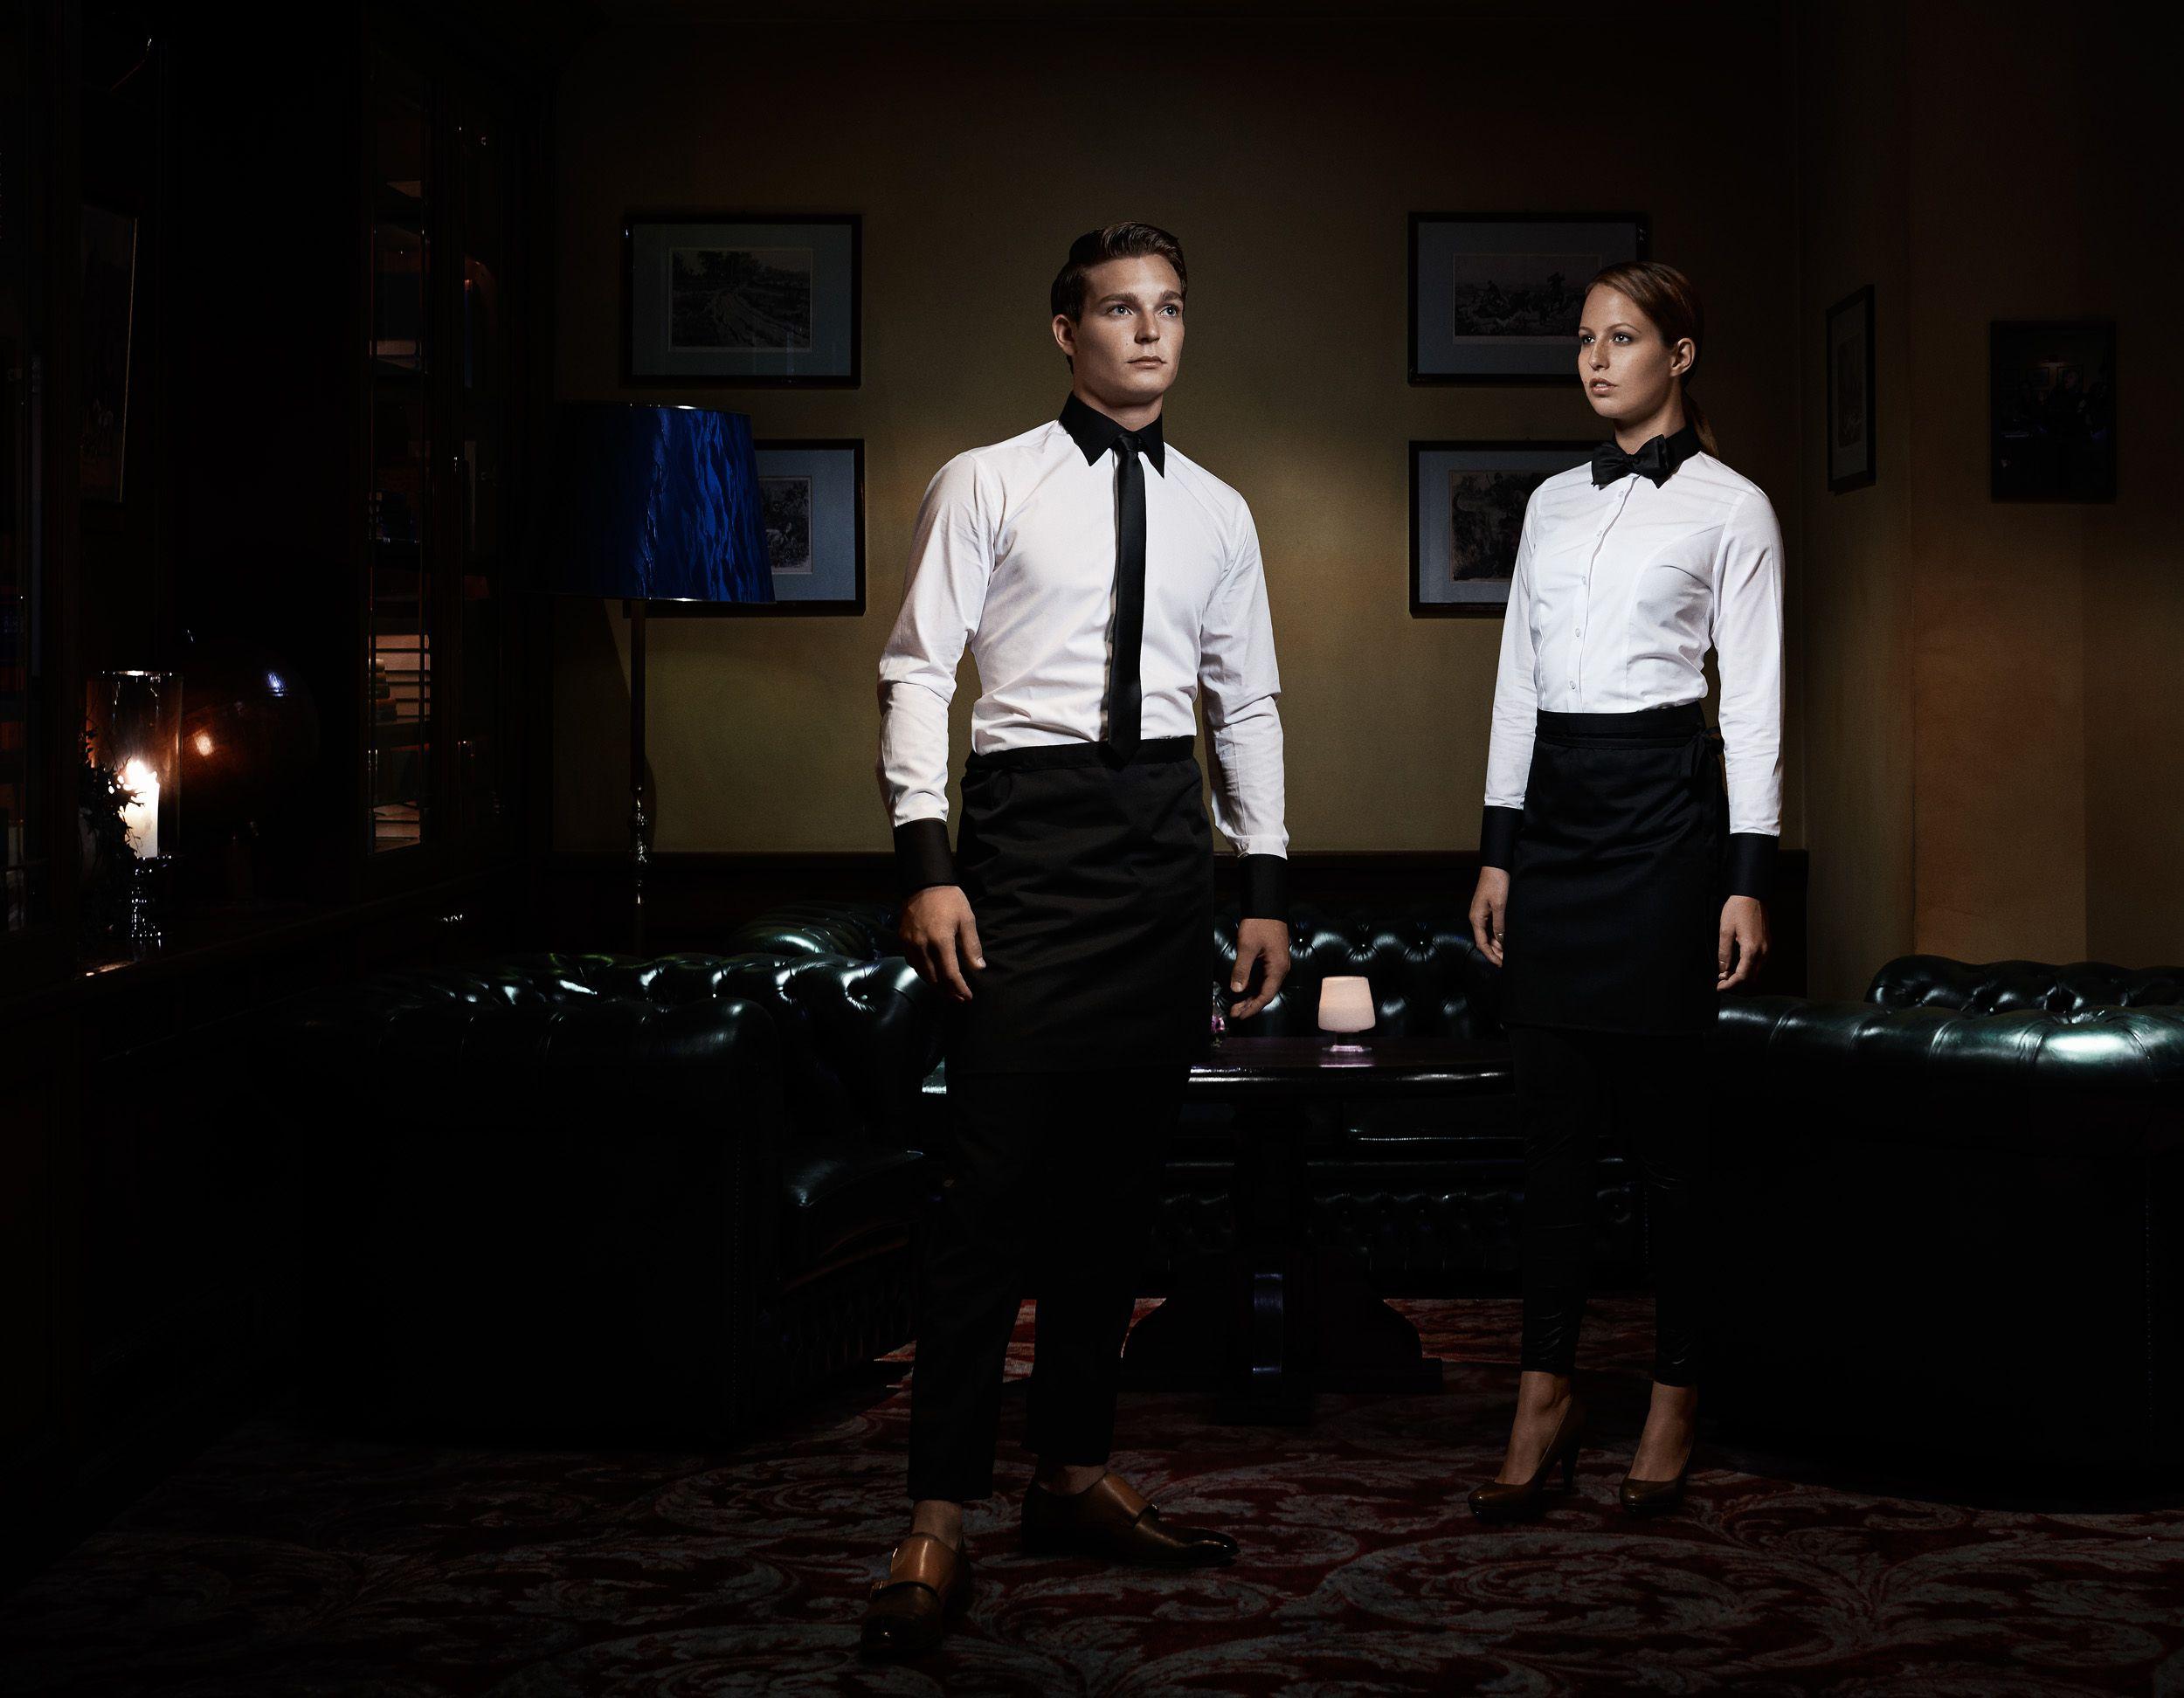 Strak modern fashionable suit up suit up horeca hotel